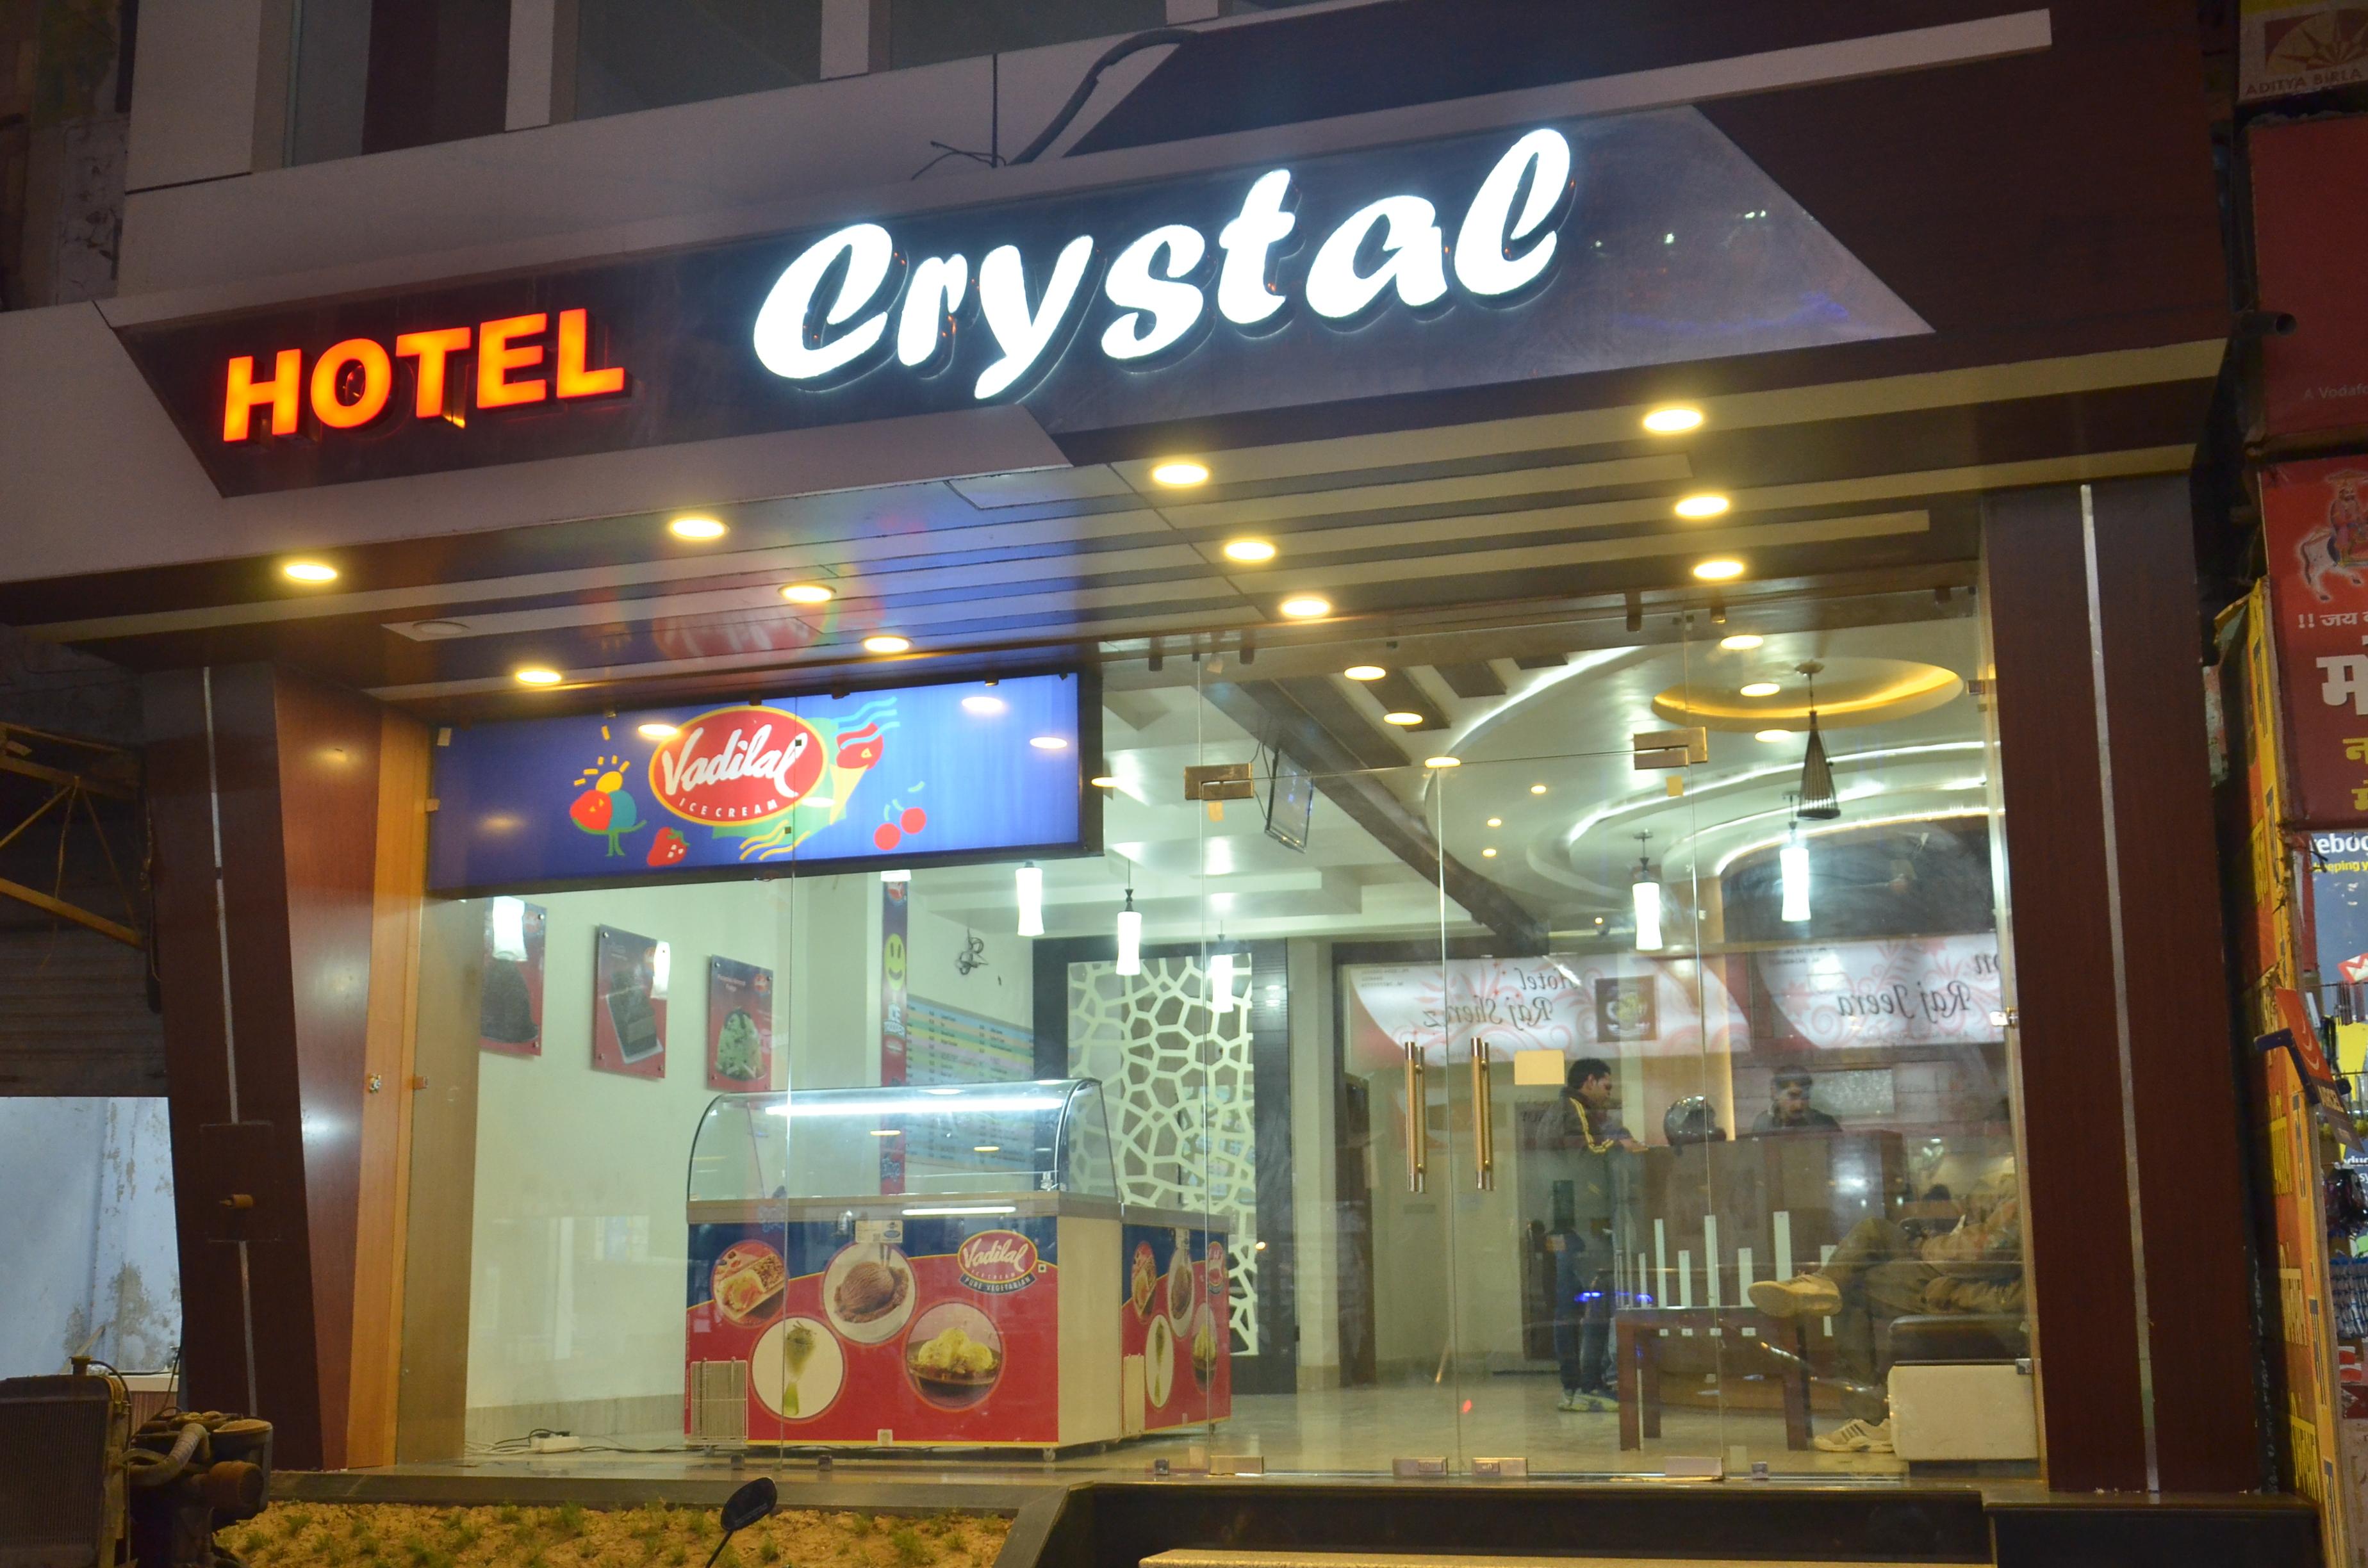 Hotel Crystal in Ganganagar